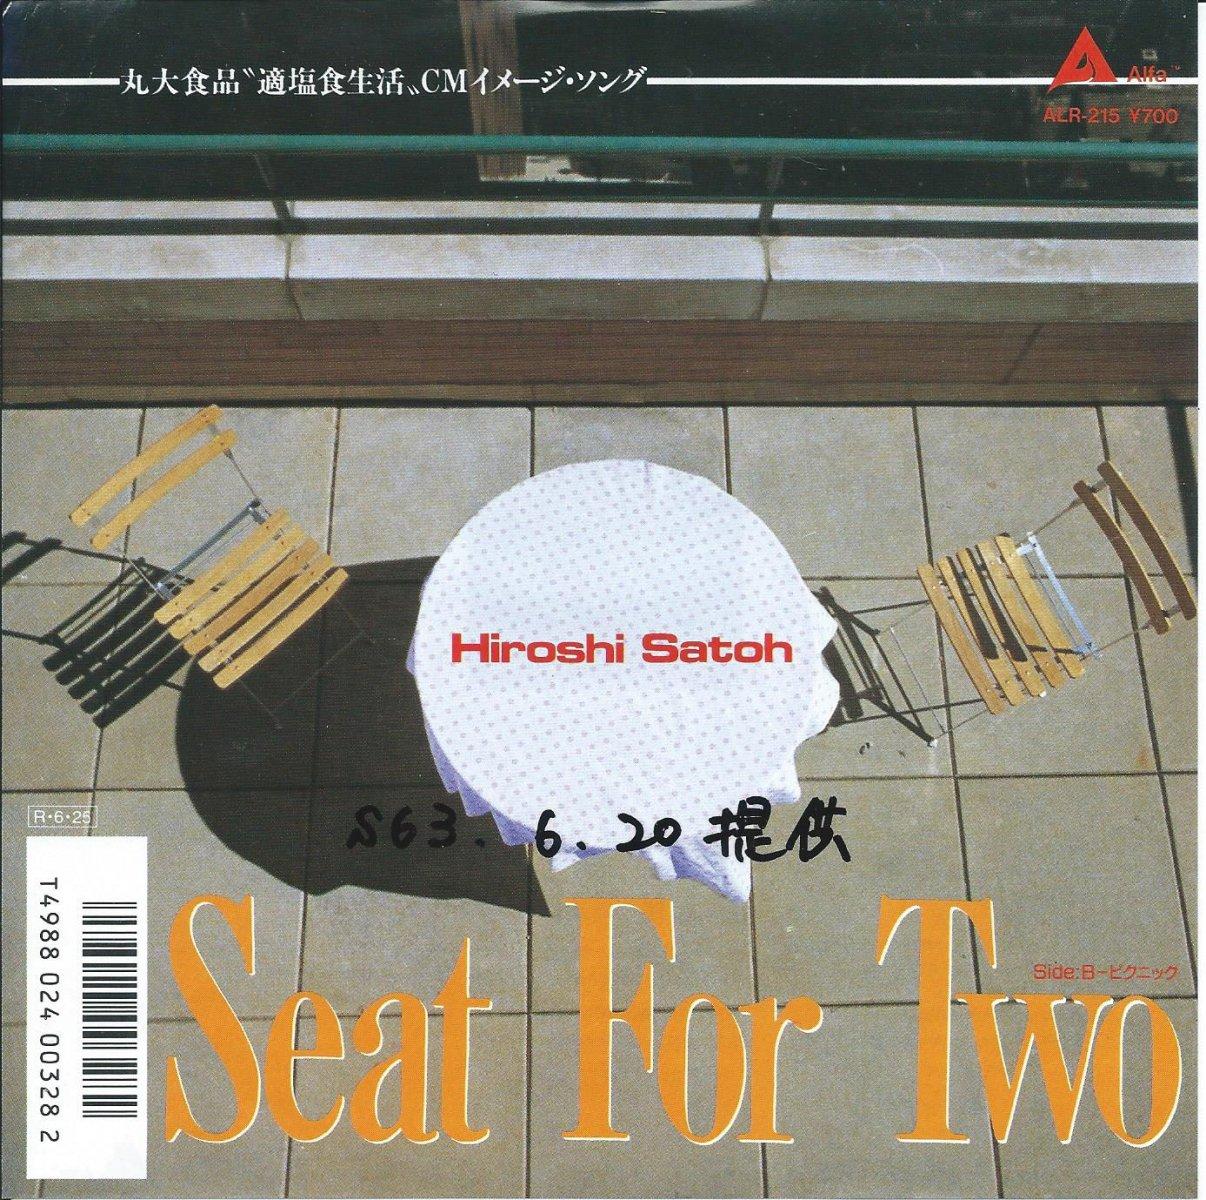 佐藤博 HIROSHI SATO / SEAT FOR TWO / ピクニック (7